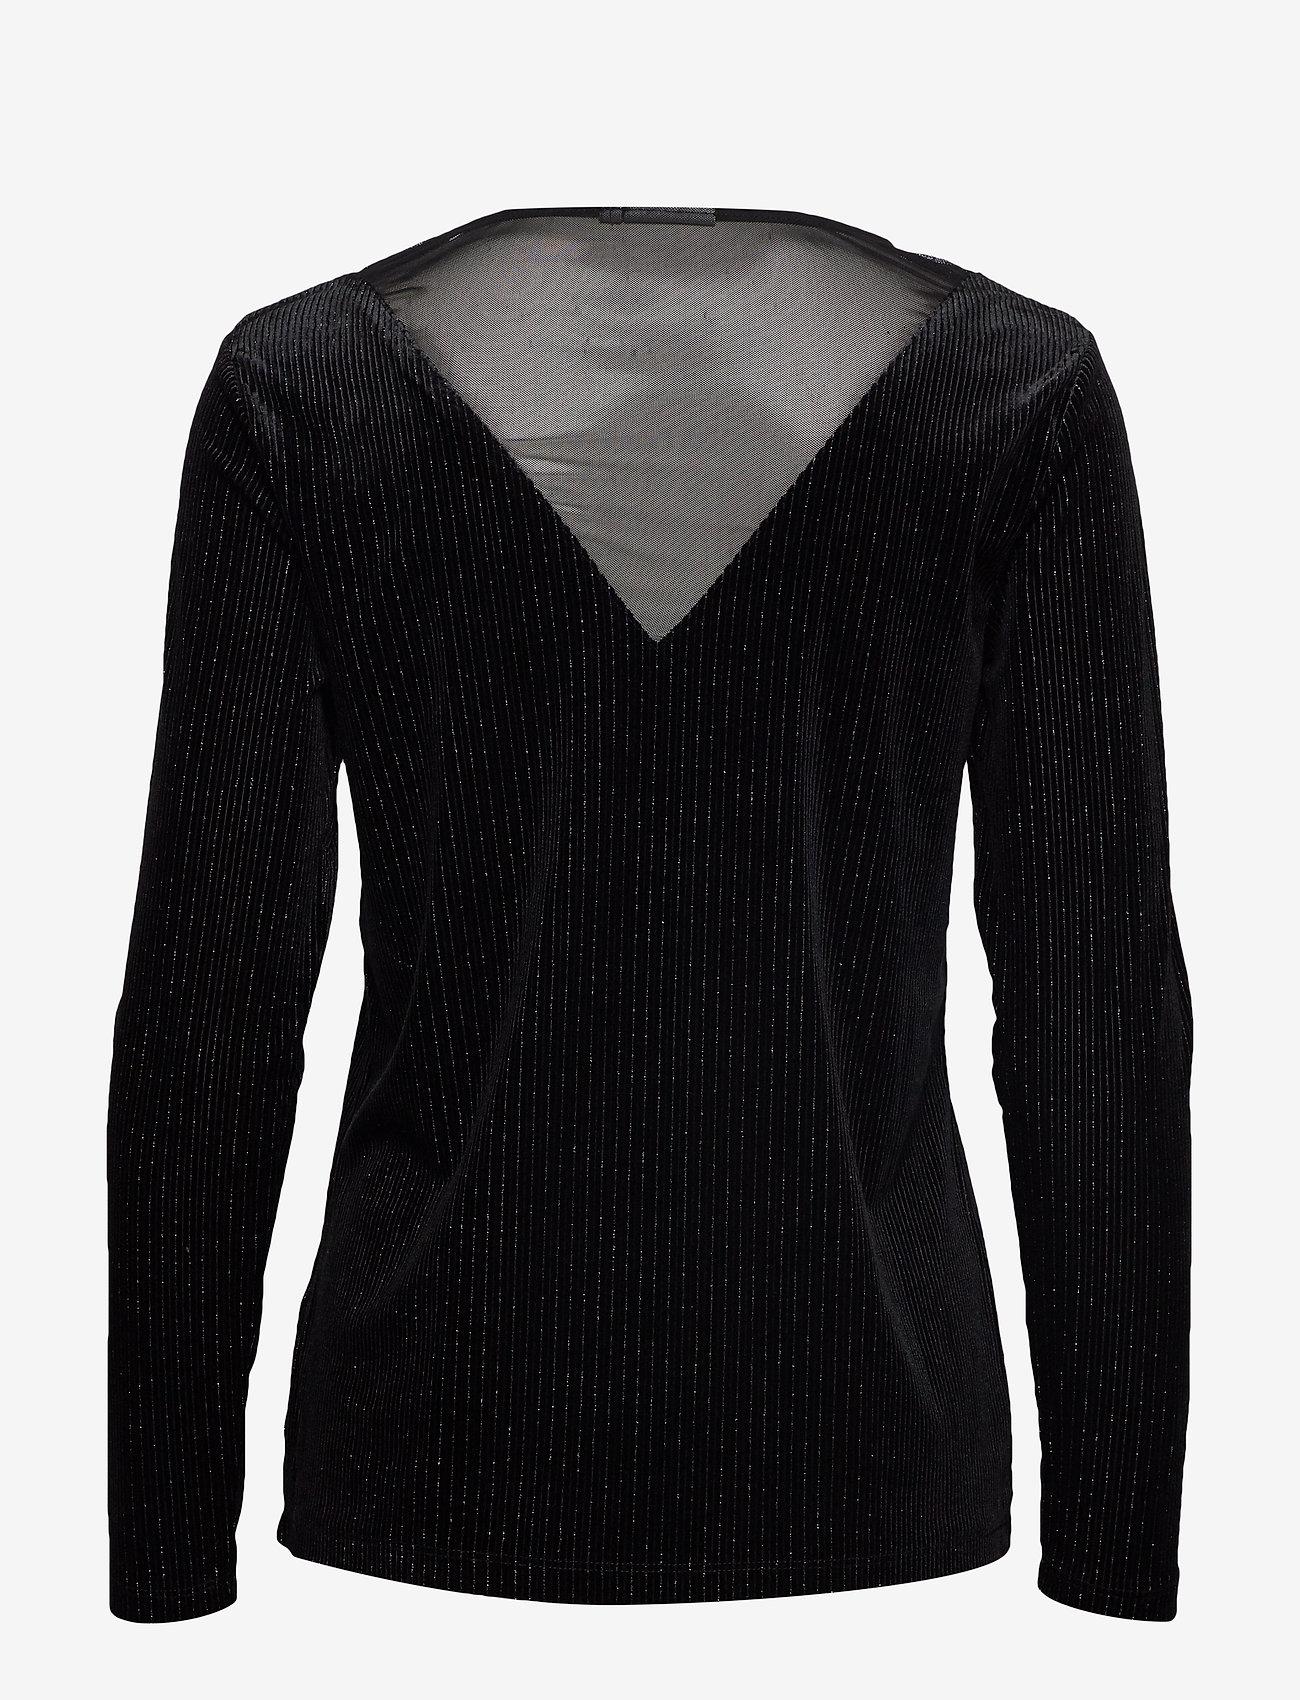 b.young BYRED PULLOVER - - Bluzki & Koszule BLACK W. SILVER - Kobiety Odzież.